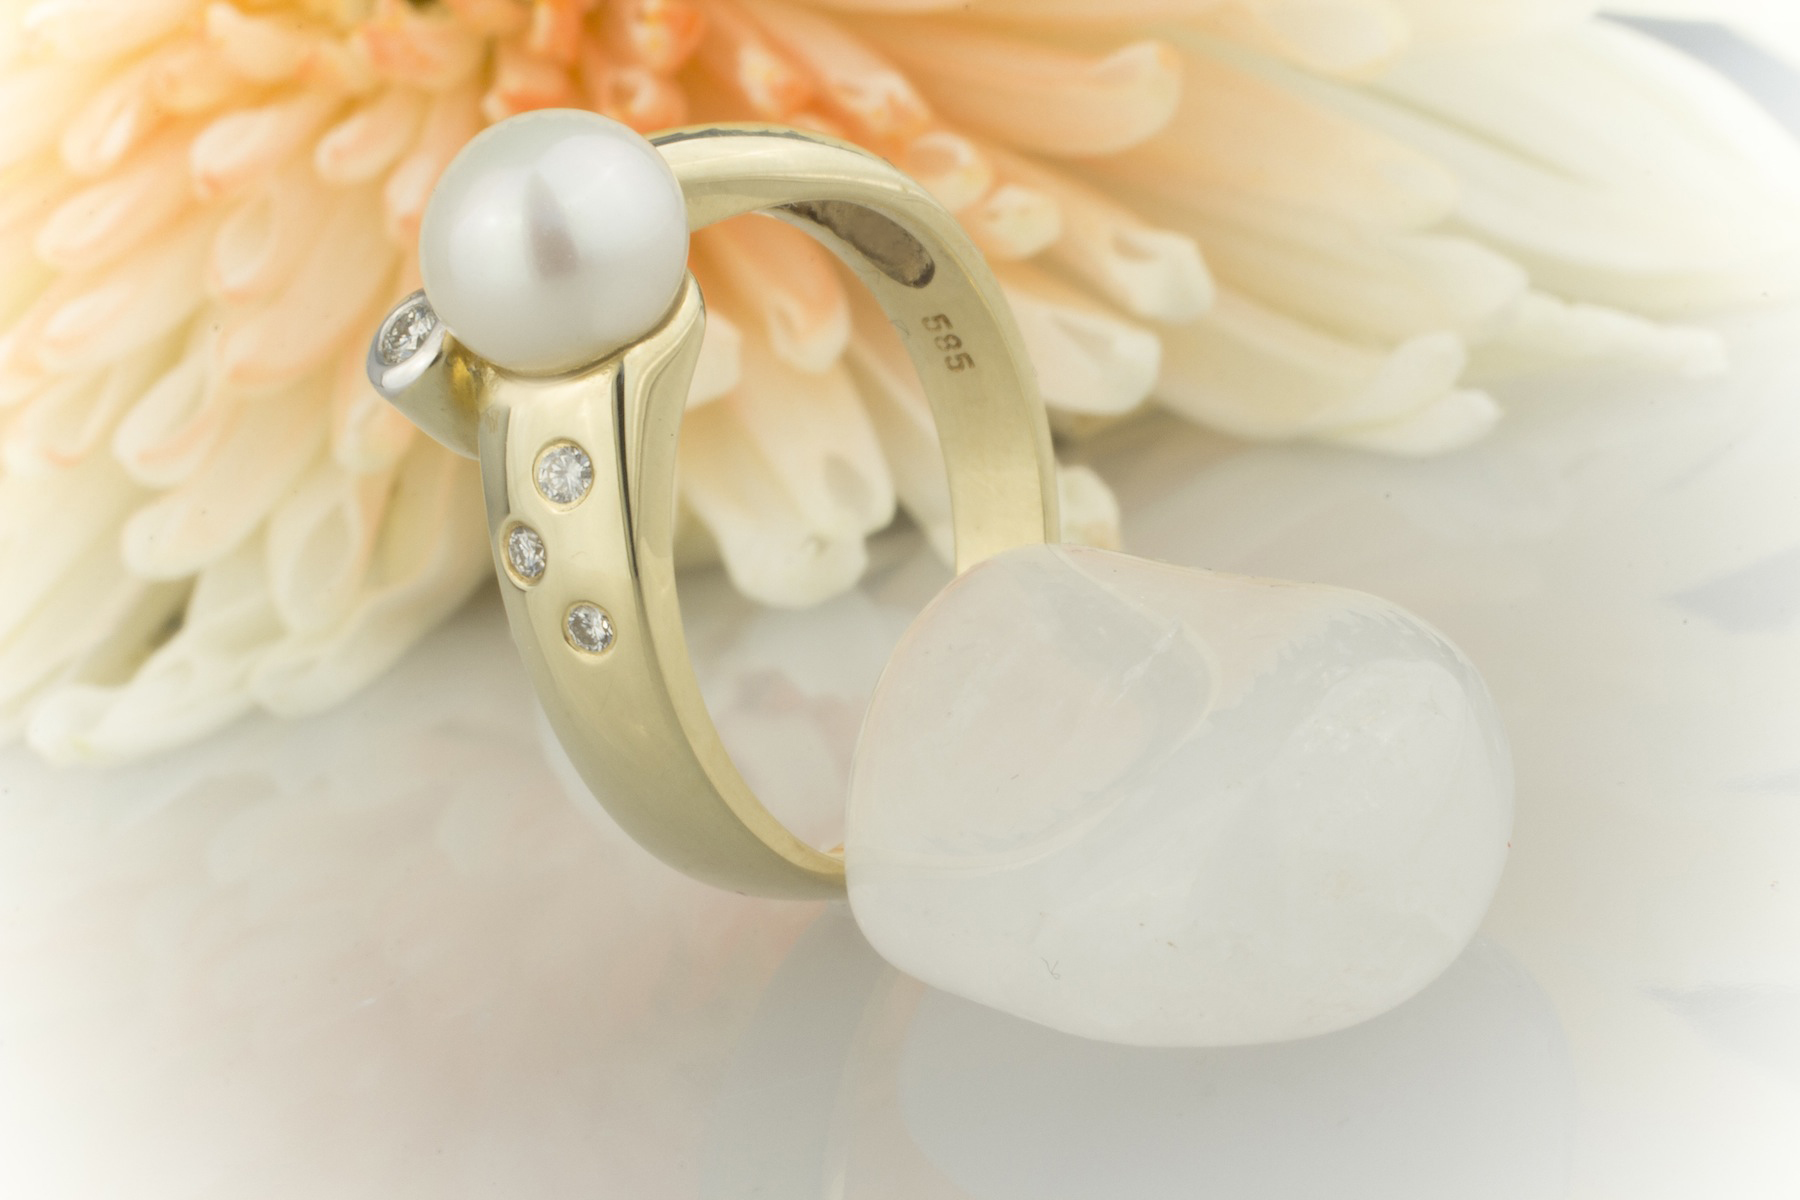 schmuckgebiet shop ring sonderaktion sch ner perlen ring mit brillanten 585 gold 14 karat. Black Bedroom Furniture Sets. Home Design Ideas